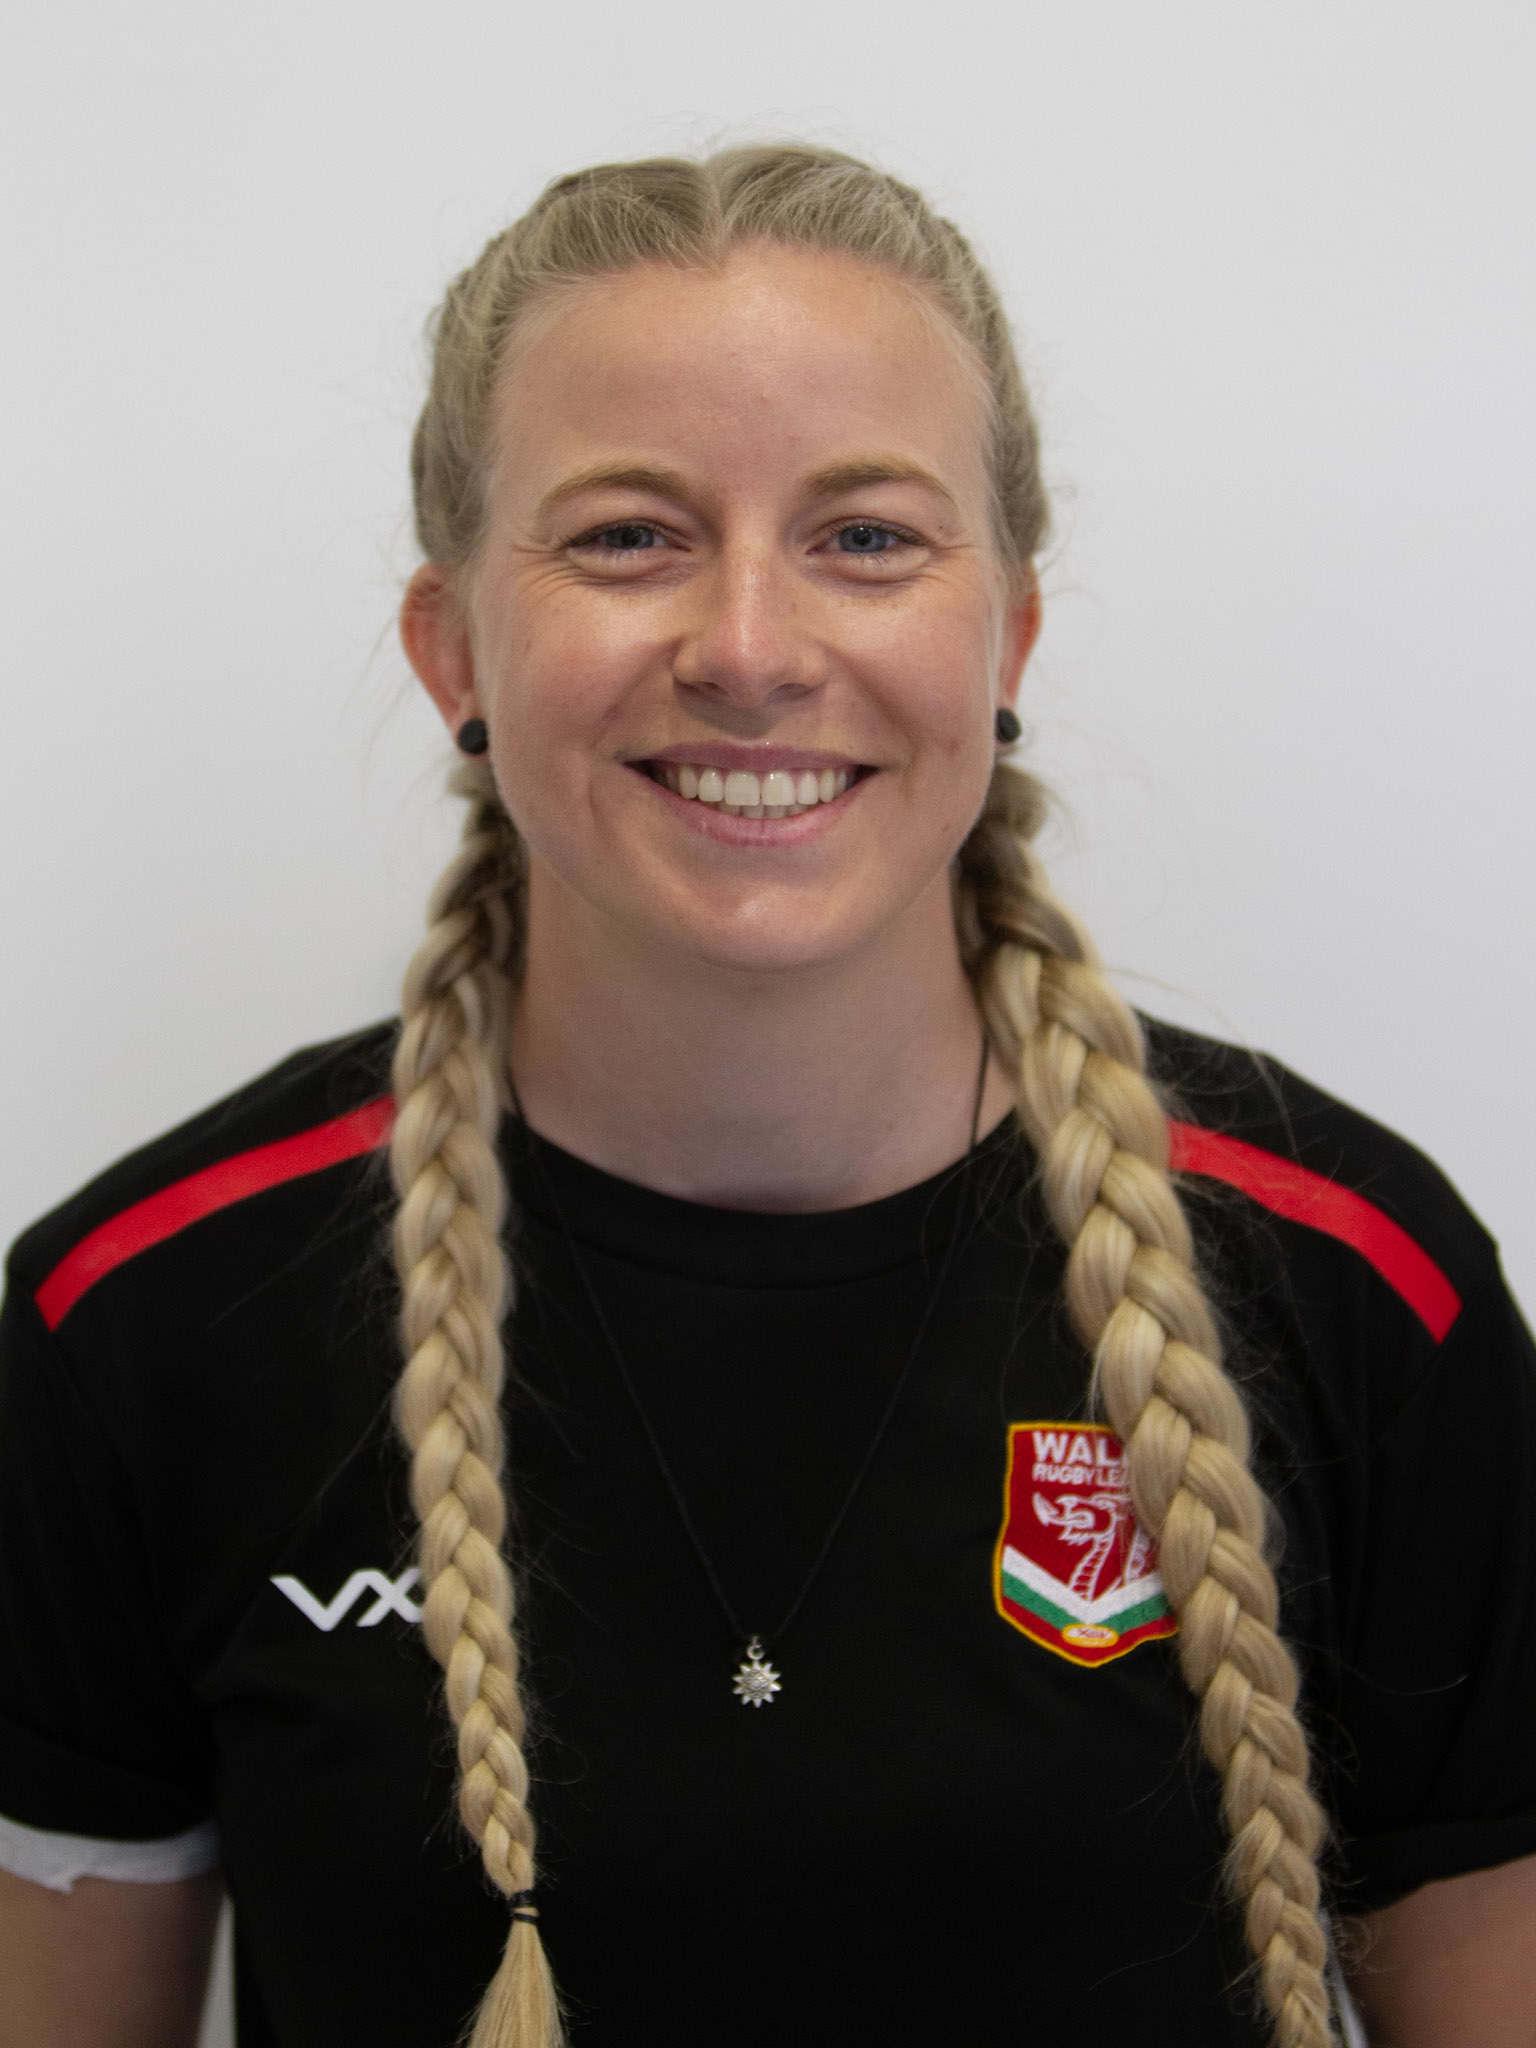 Leanne Burnell